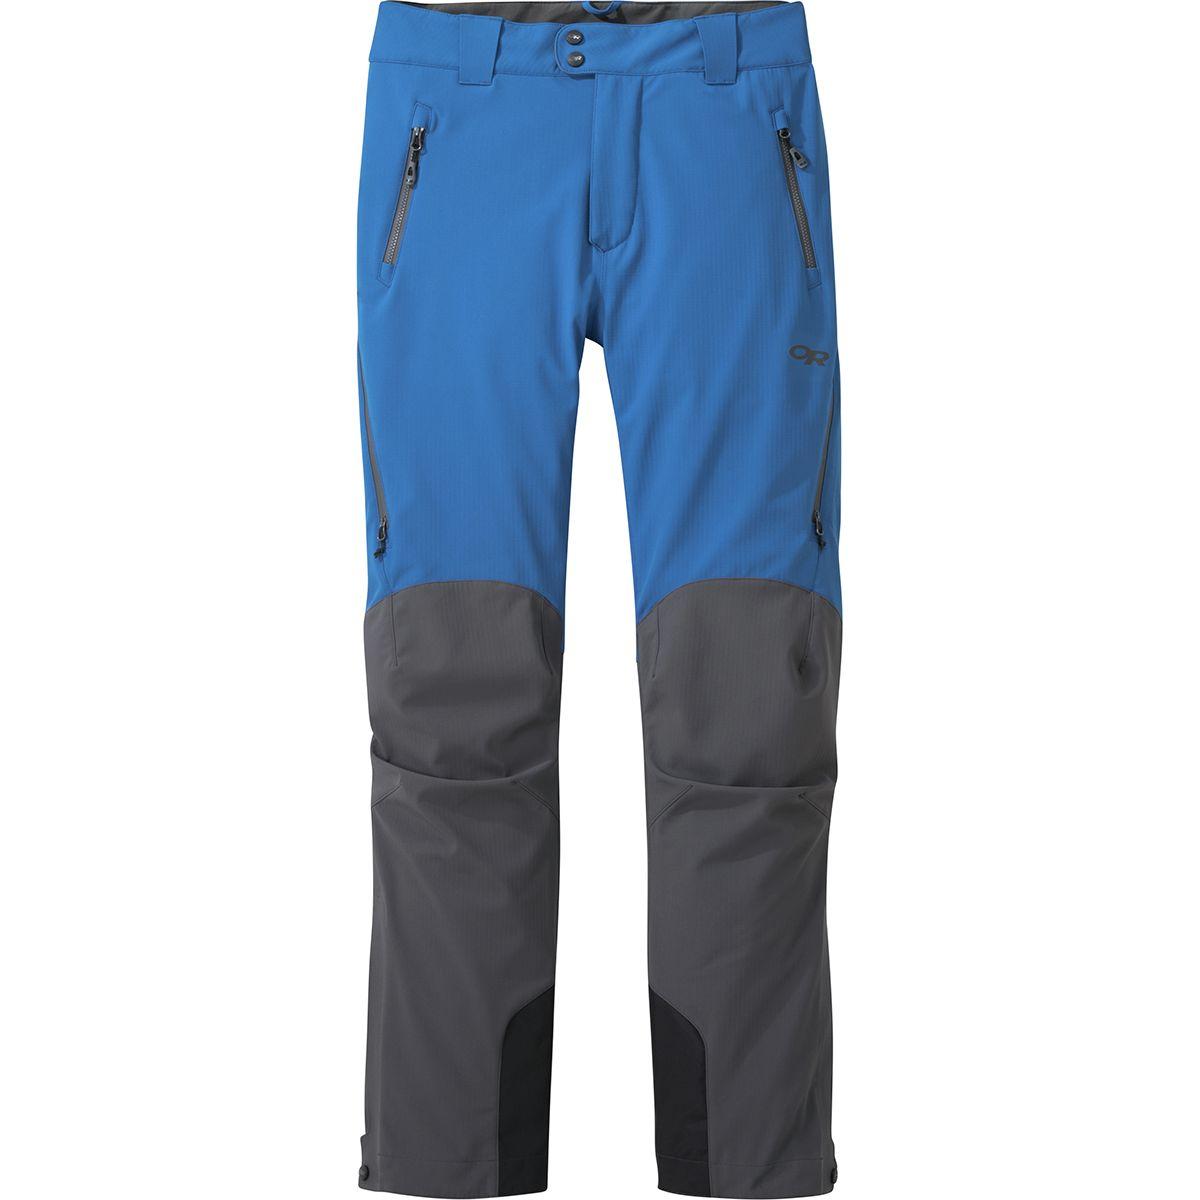 Outdoor Research Iceline Versa Pants